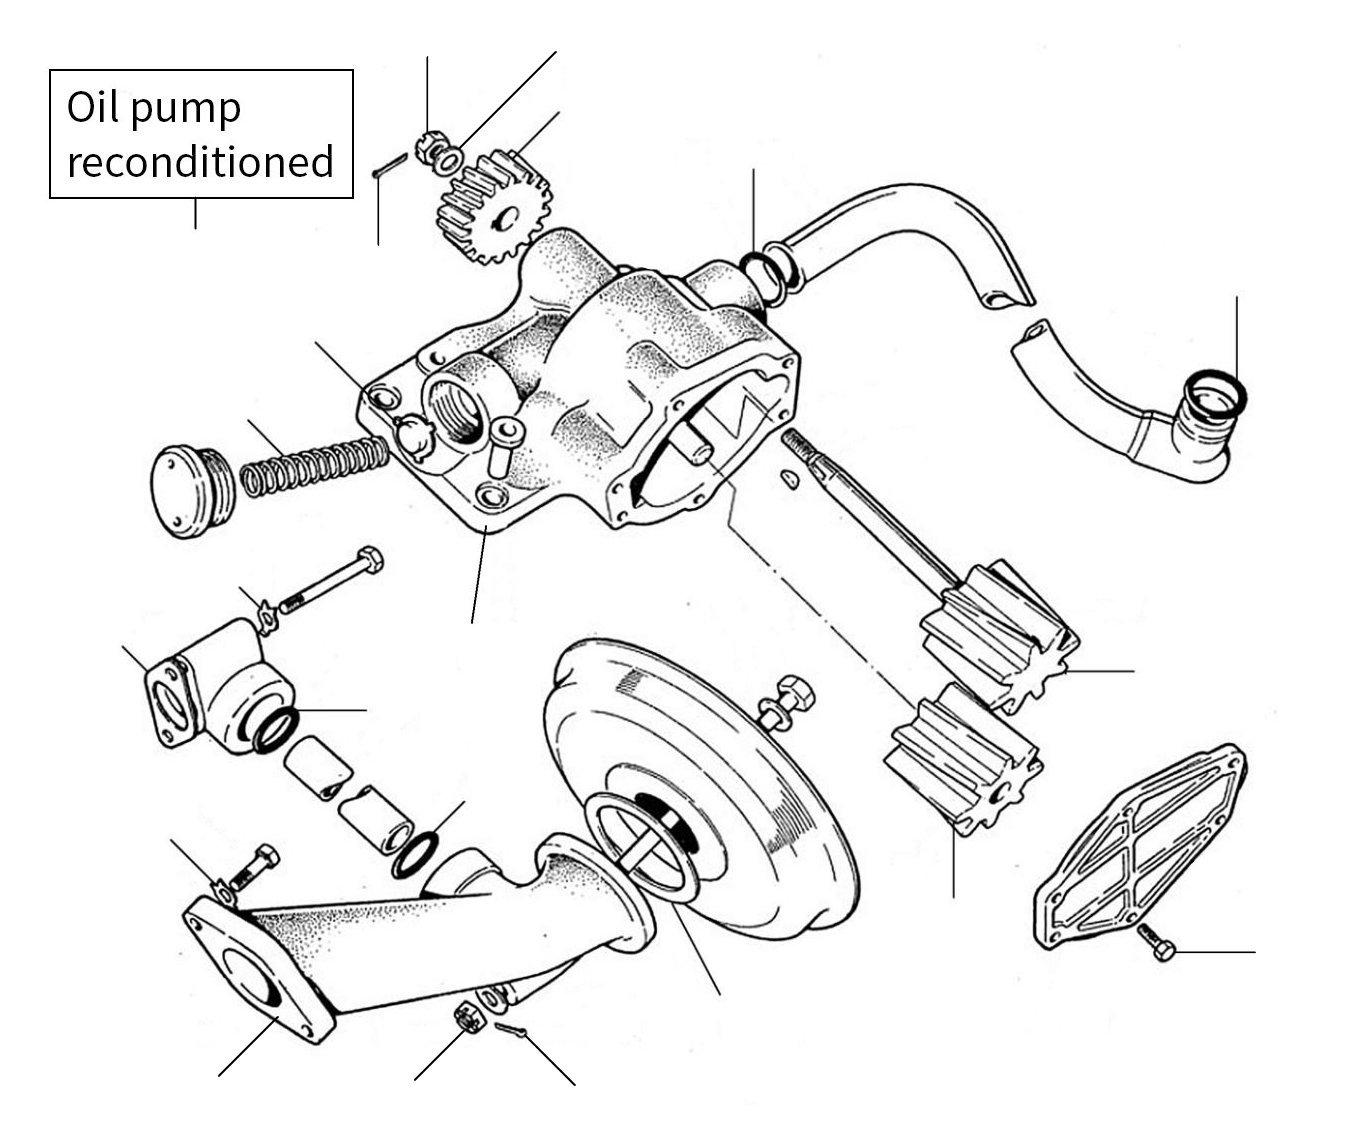 20782 Oil pump - Oil Pump